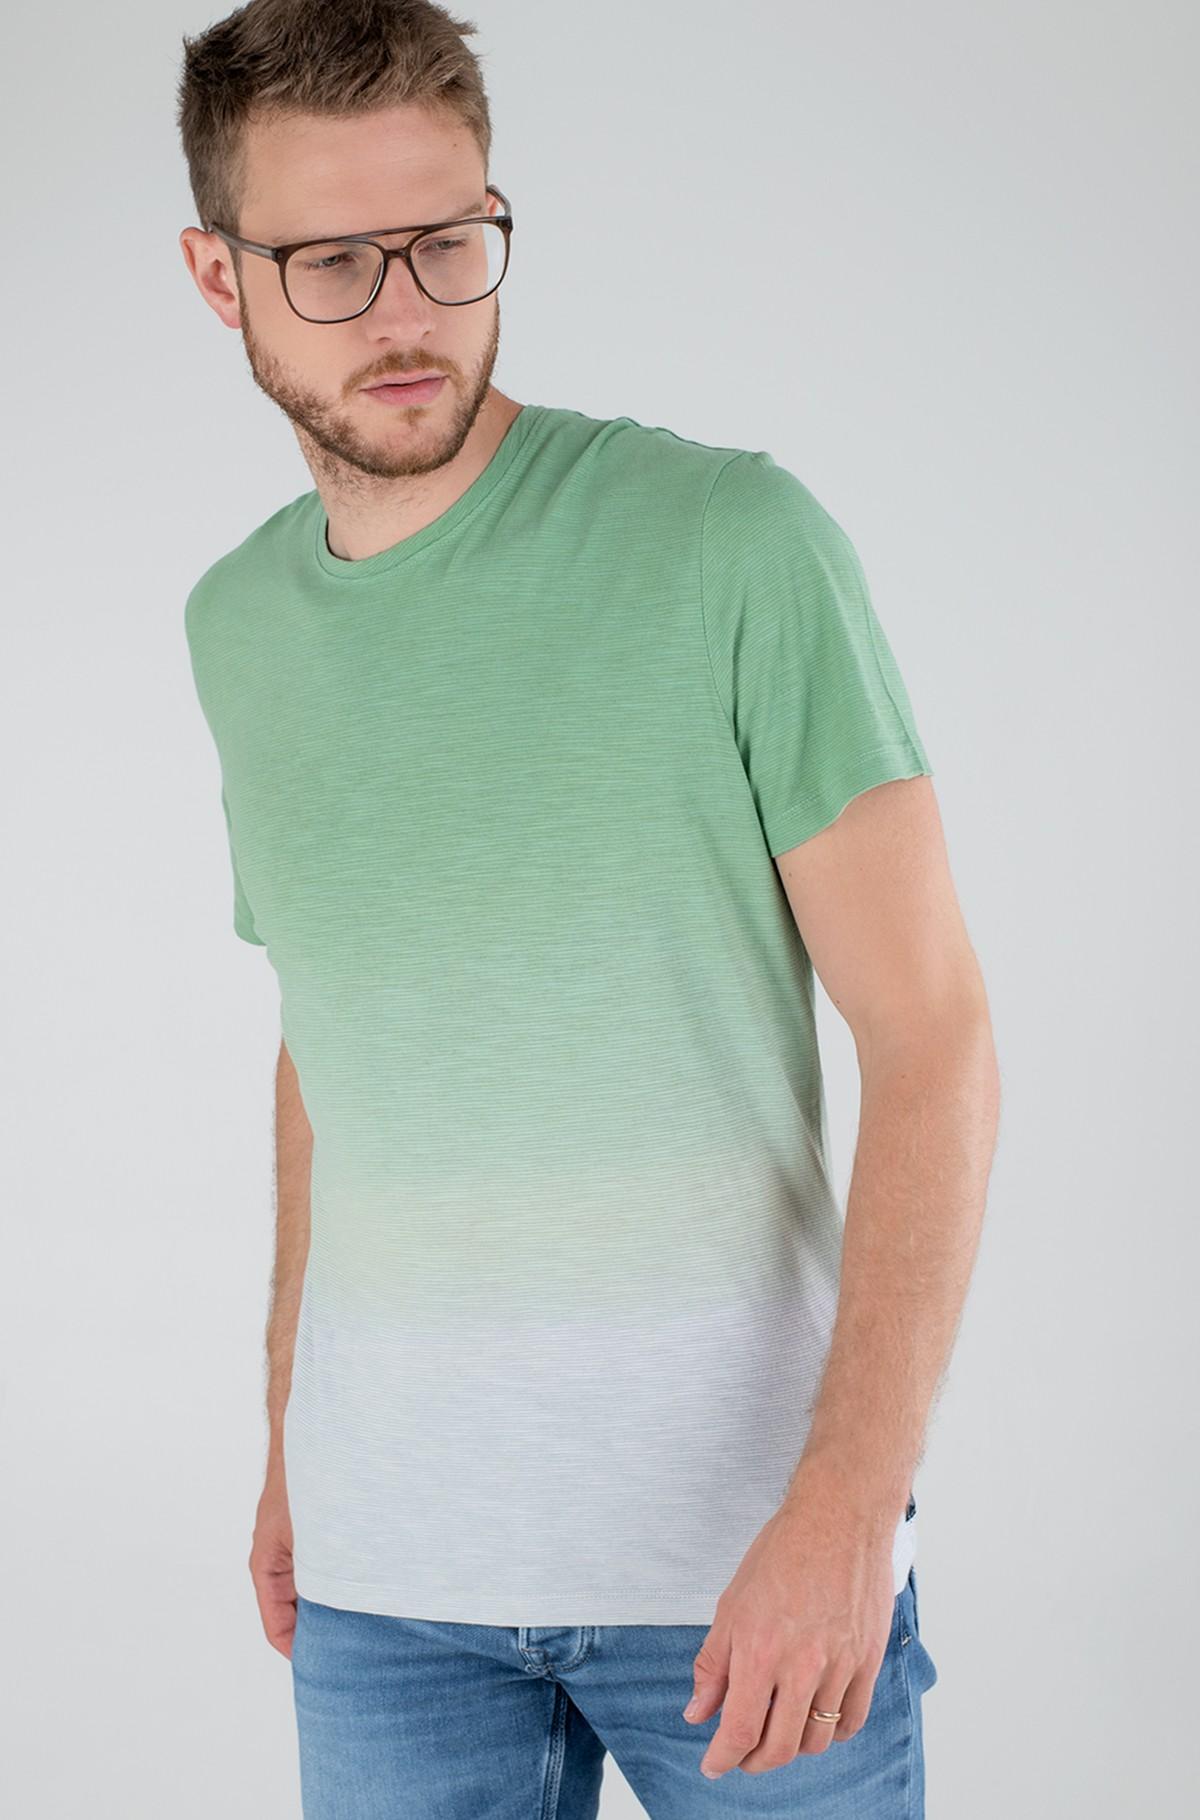 T-shirt 1025991-full-1